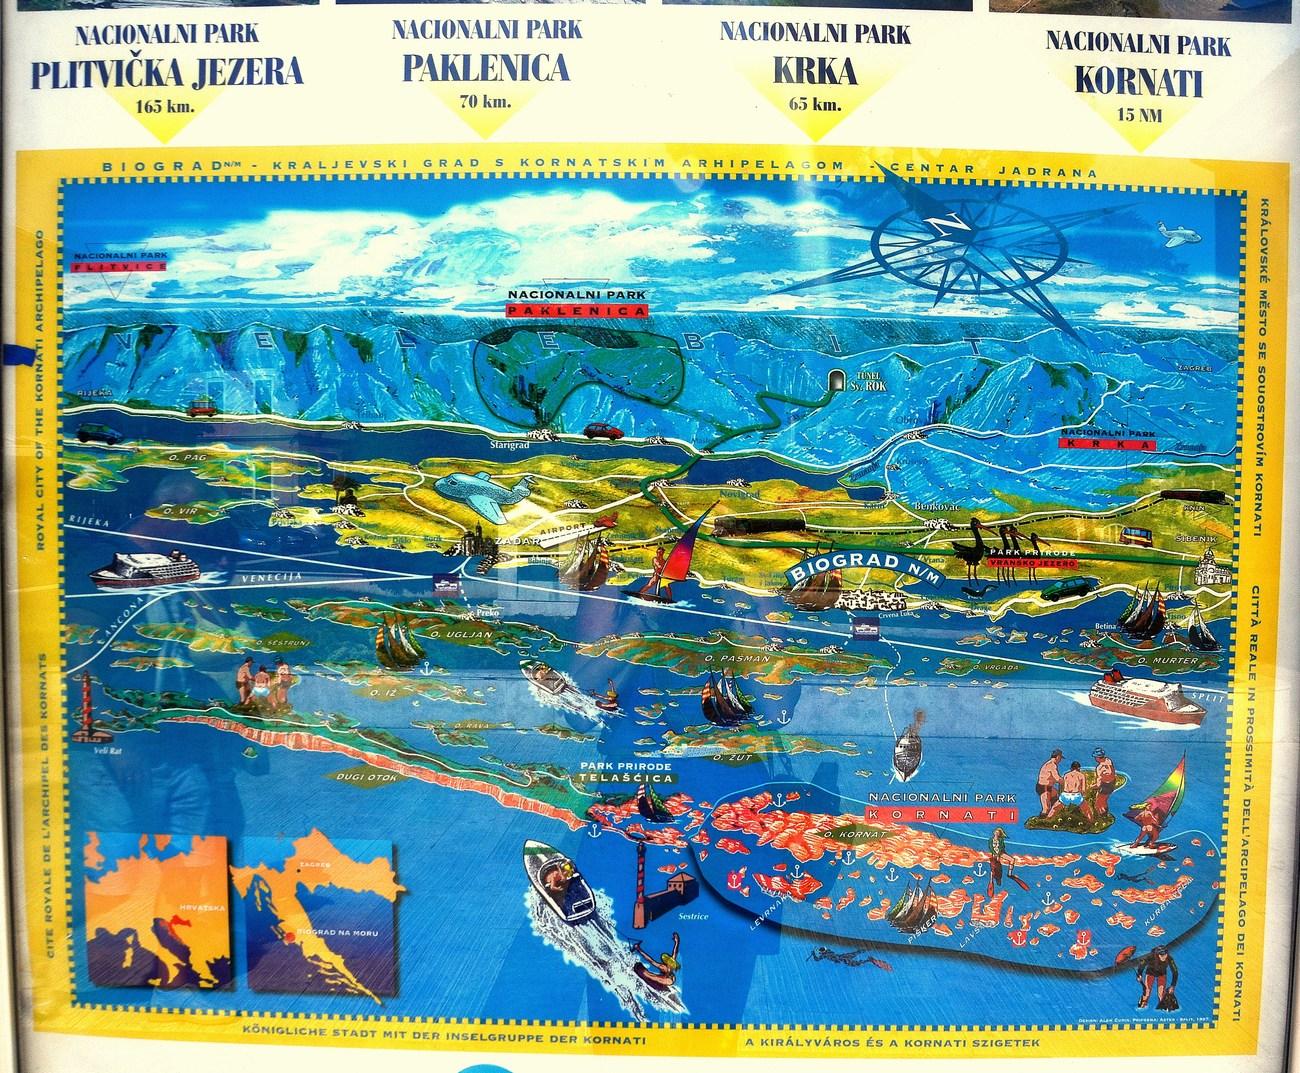 Biograd na moru je odlično izhodišče za obiskovanje nacionalnih parkov.